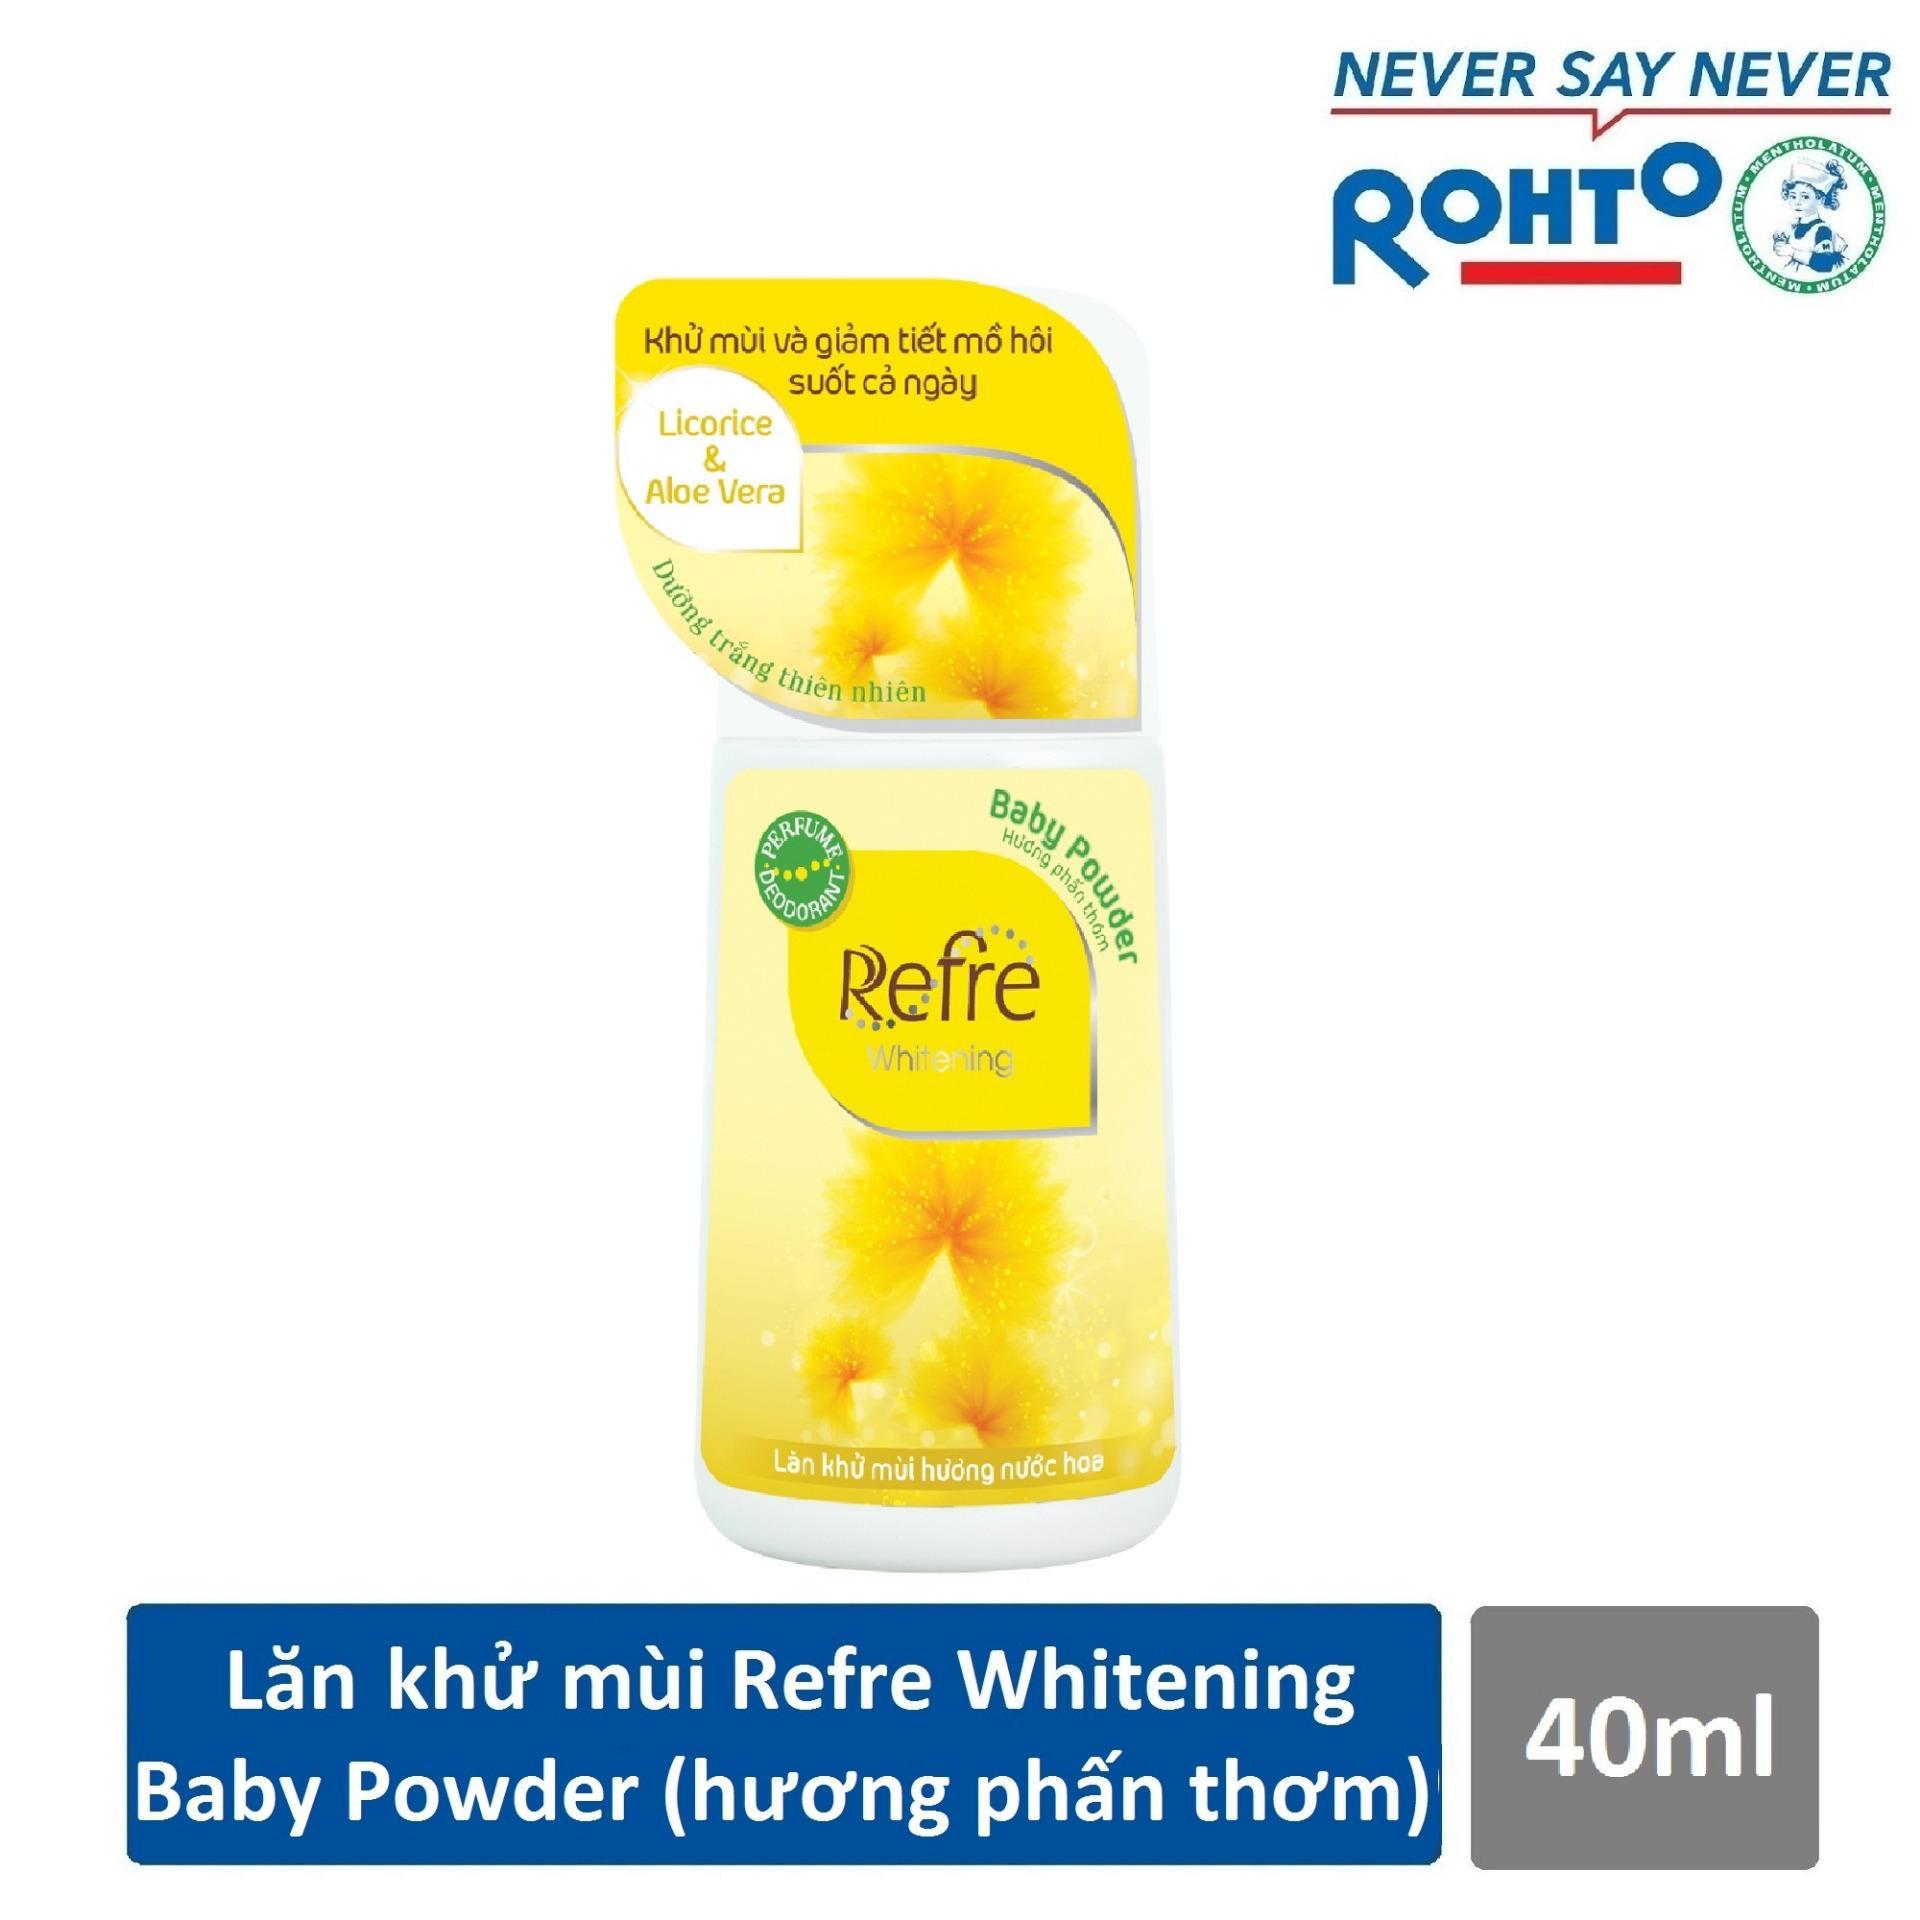 Lăn Khử Mùi Dưỡng Trắng Hương Nước Hoa Refre Whitening Baby Powder Hương Phấn Thơm (40ml)